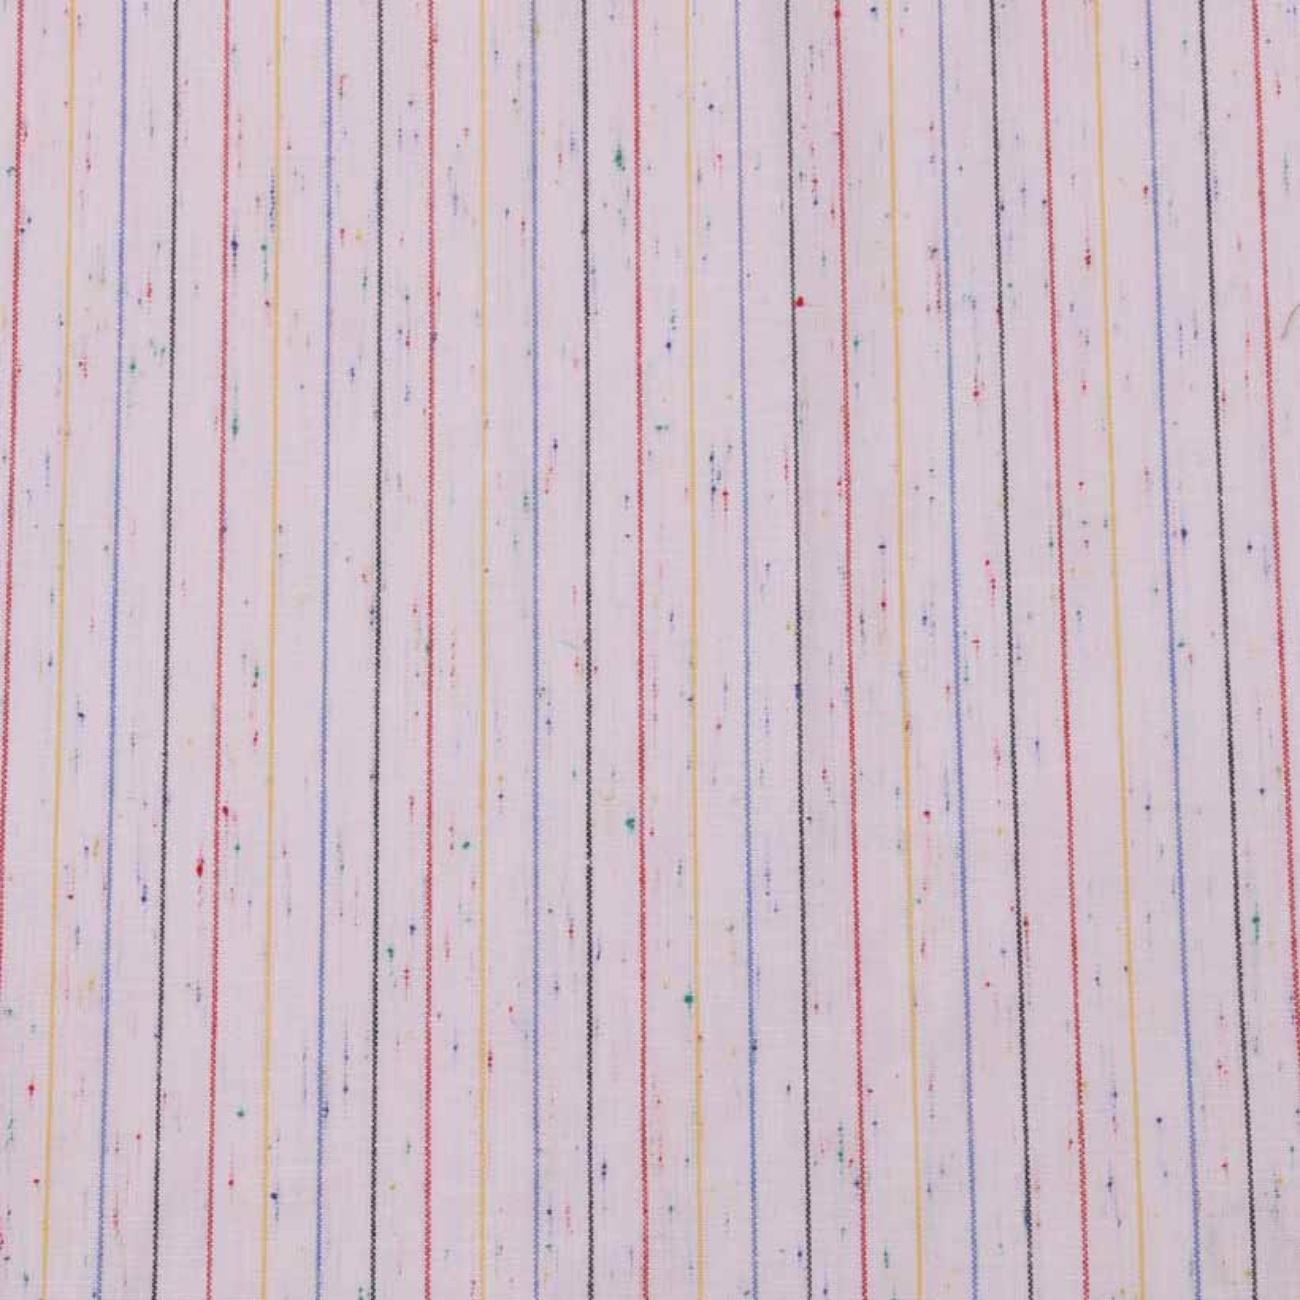 现货全棉条子梭织色织休闲时尚风格 衬衫 连衣裙 短裙 60929-38